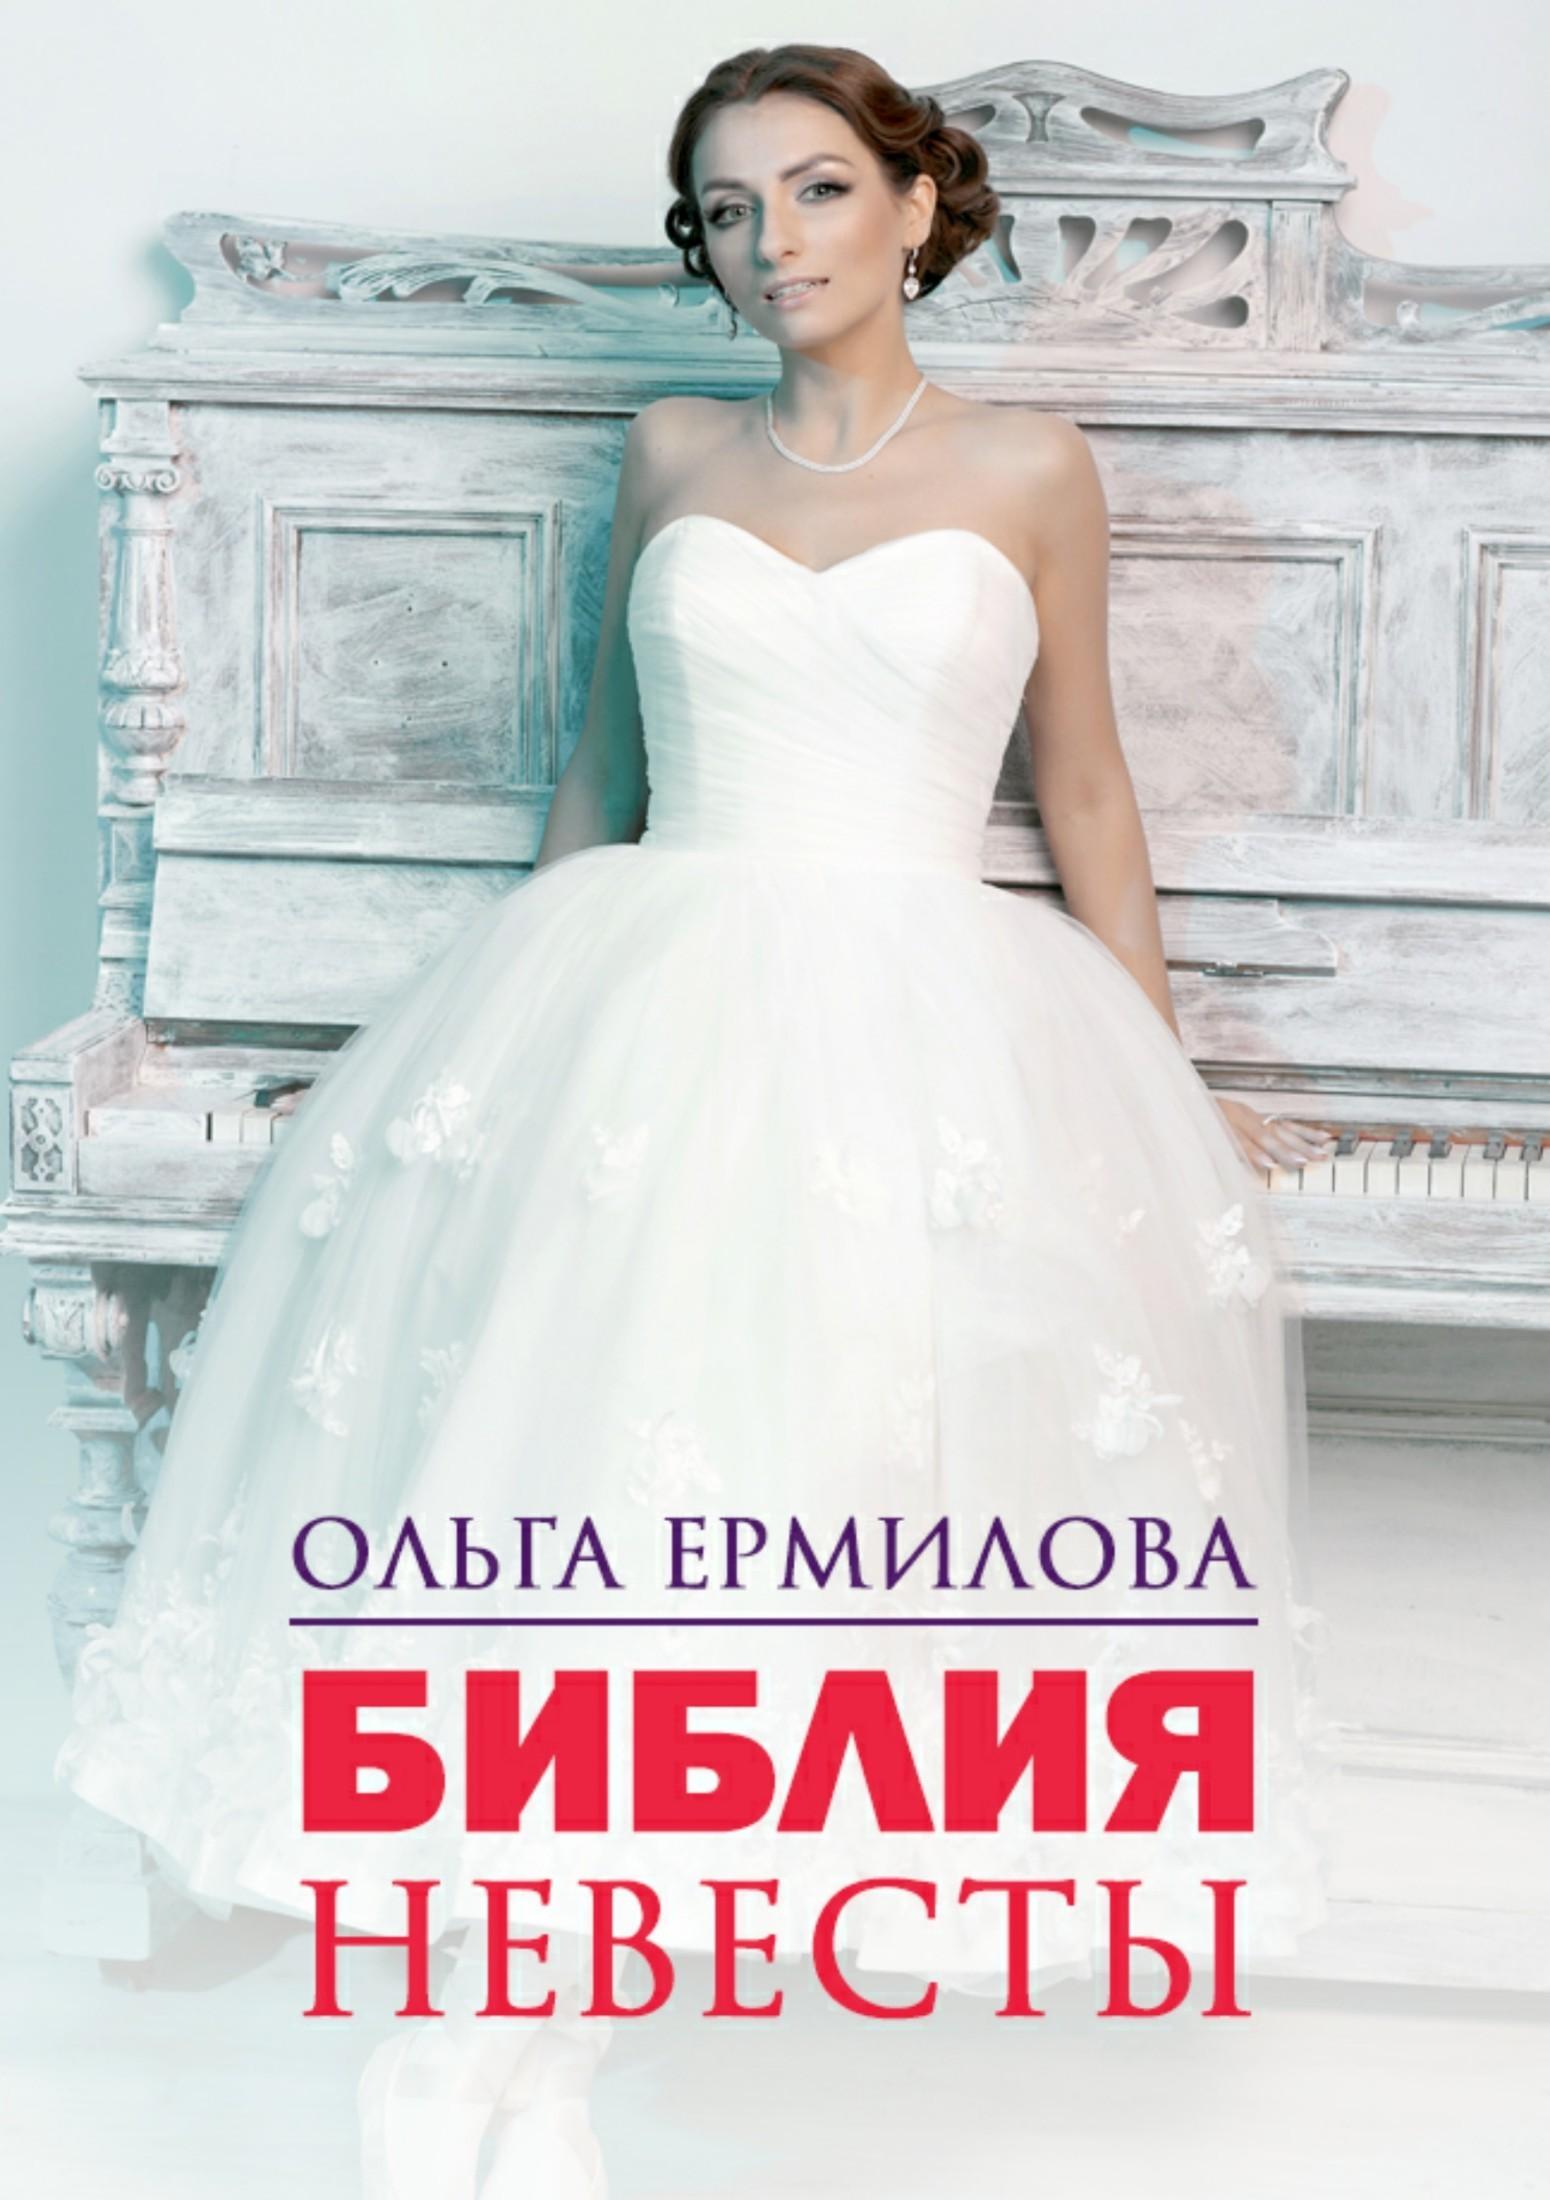 Ольга Борисовна Ермилова. Библия Невесты